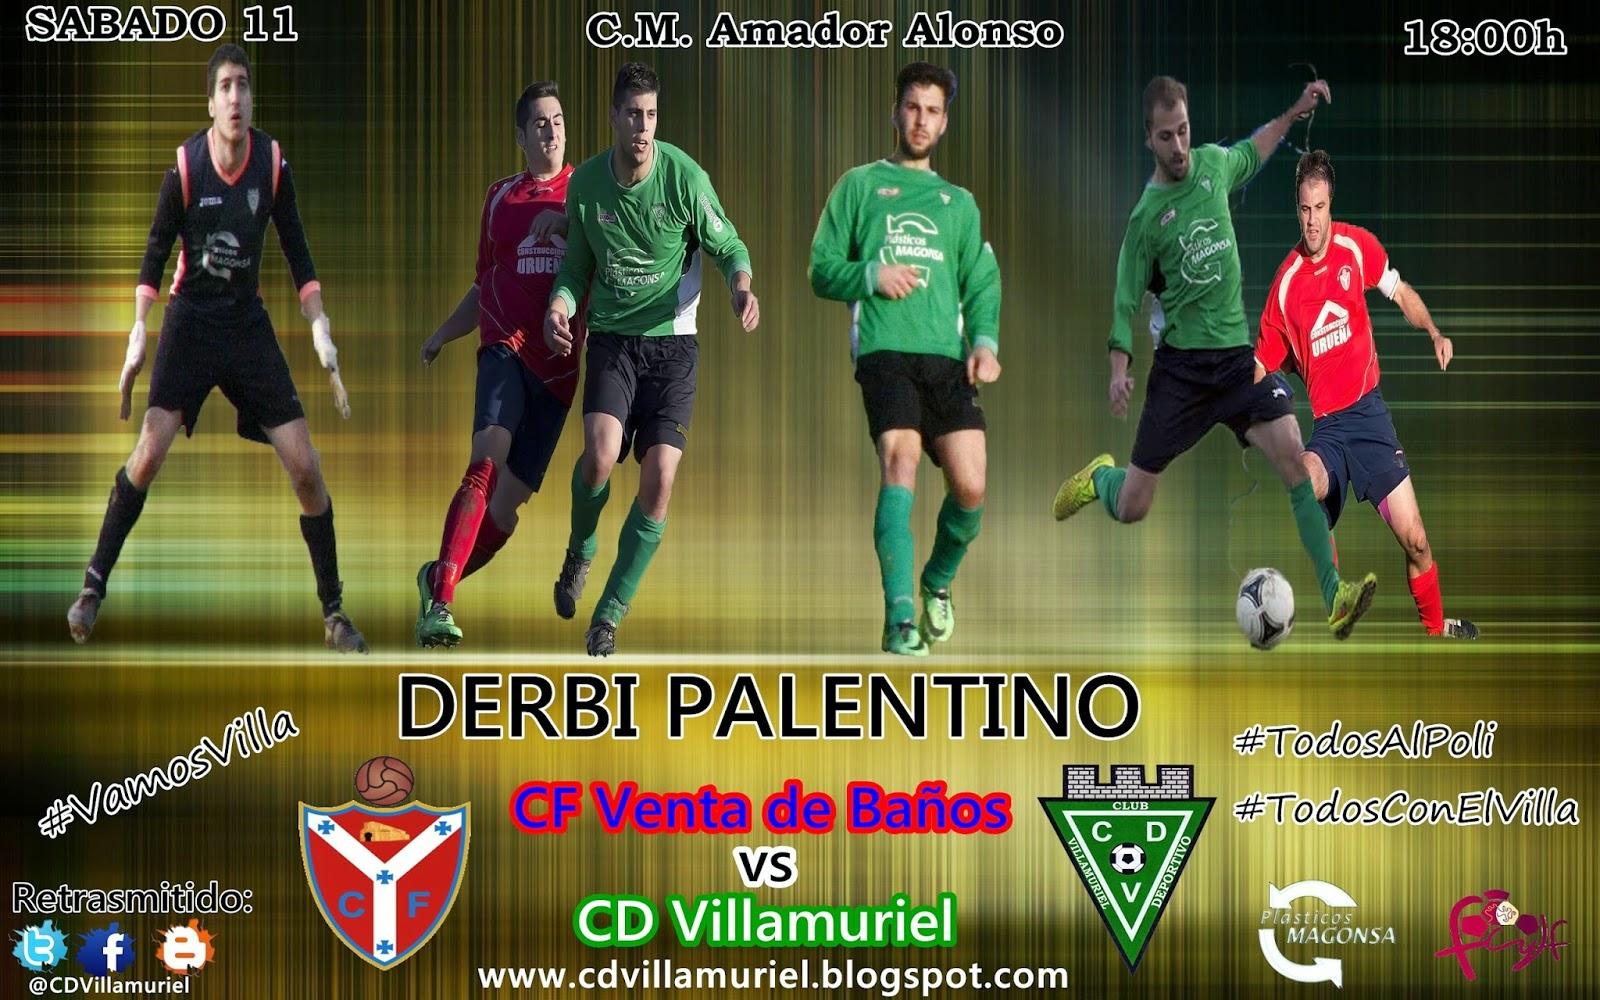 Cd Venta De Baños | Club Deportivo Villamuriel Proximo Partido Derbi Palentino Cf